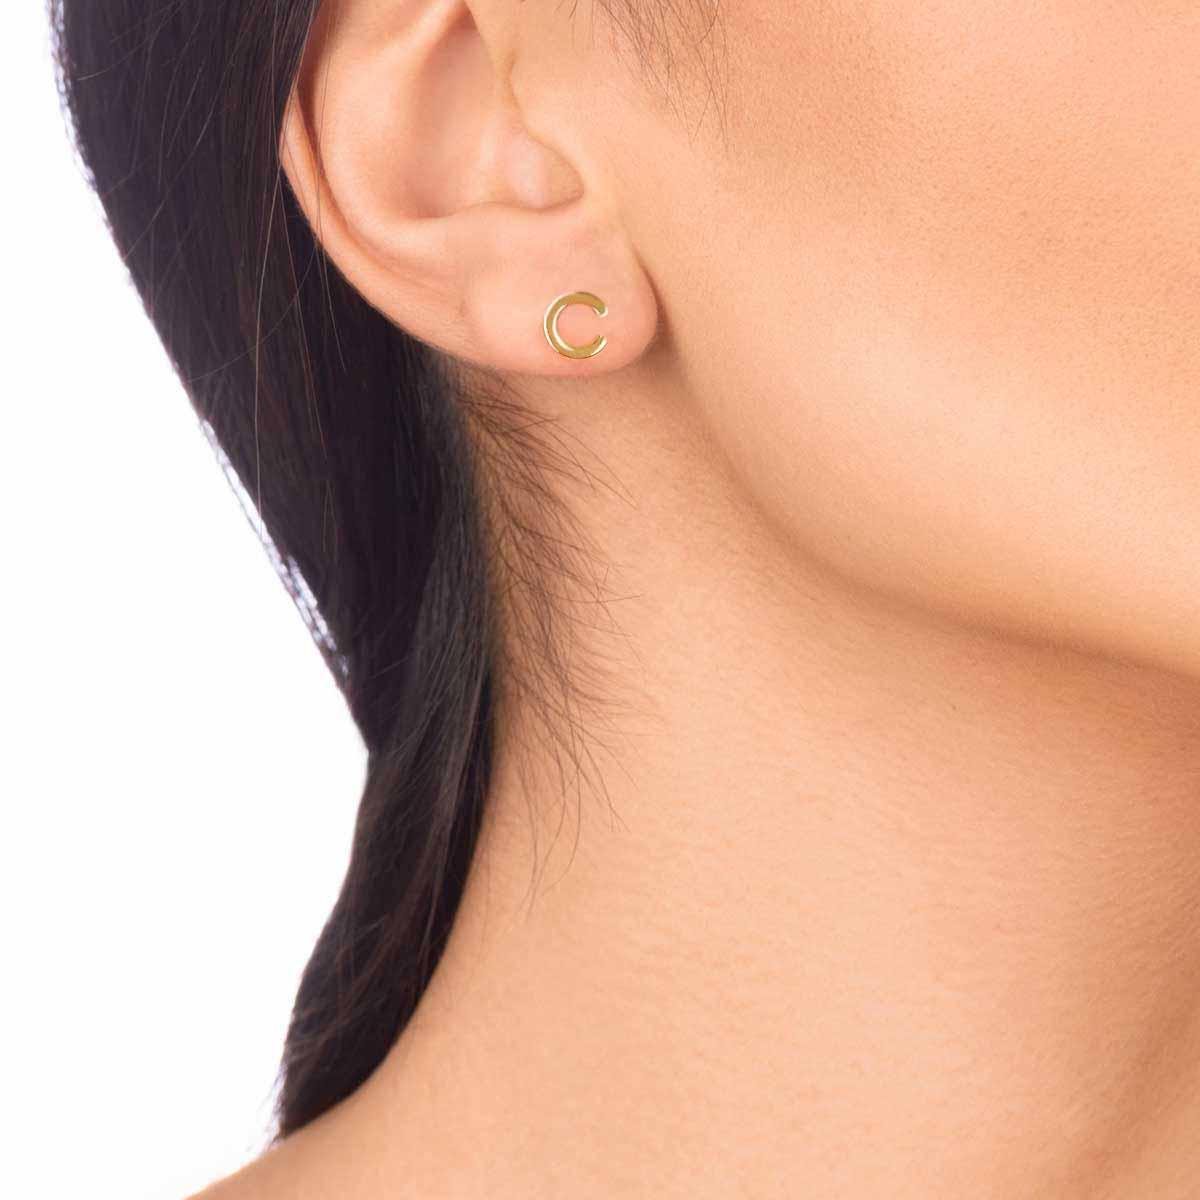 گوشواره طلا تک لنگه ای C